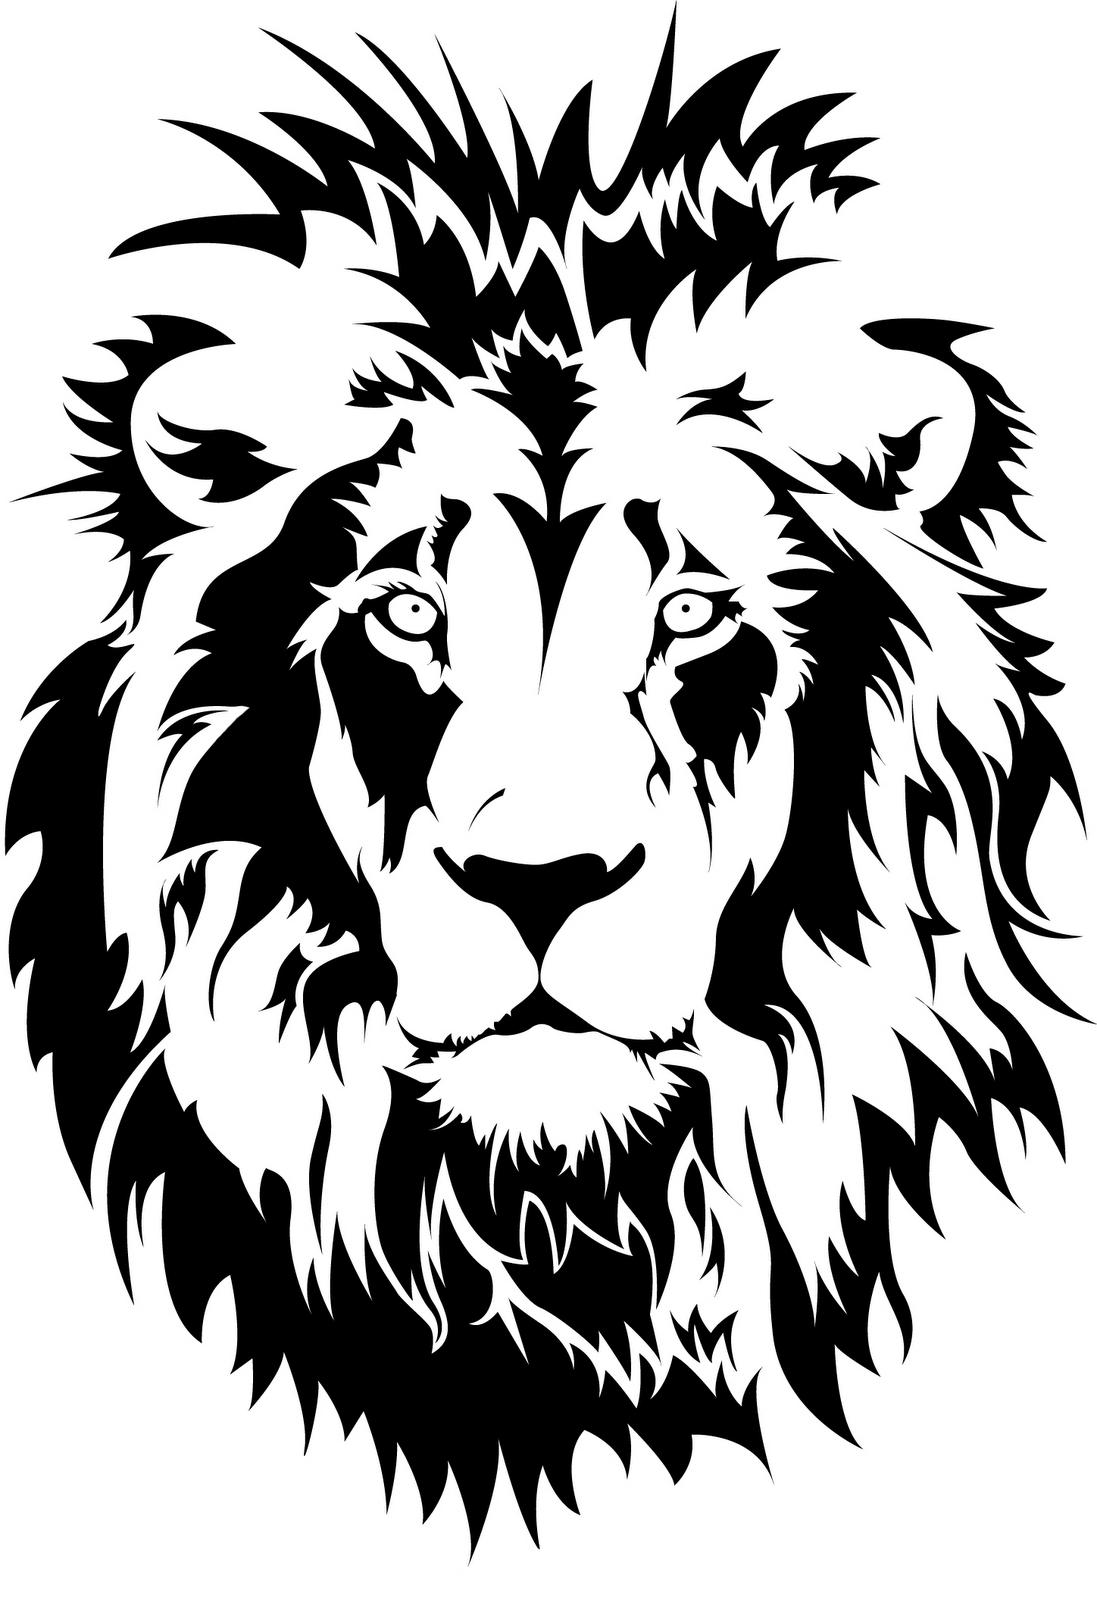 Lion Png 1097 1600 Silhueta De Leao Arte De Silhueta Leao Desenho